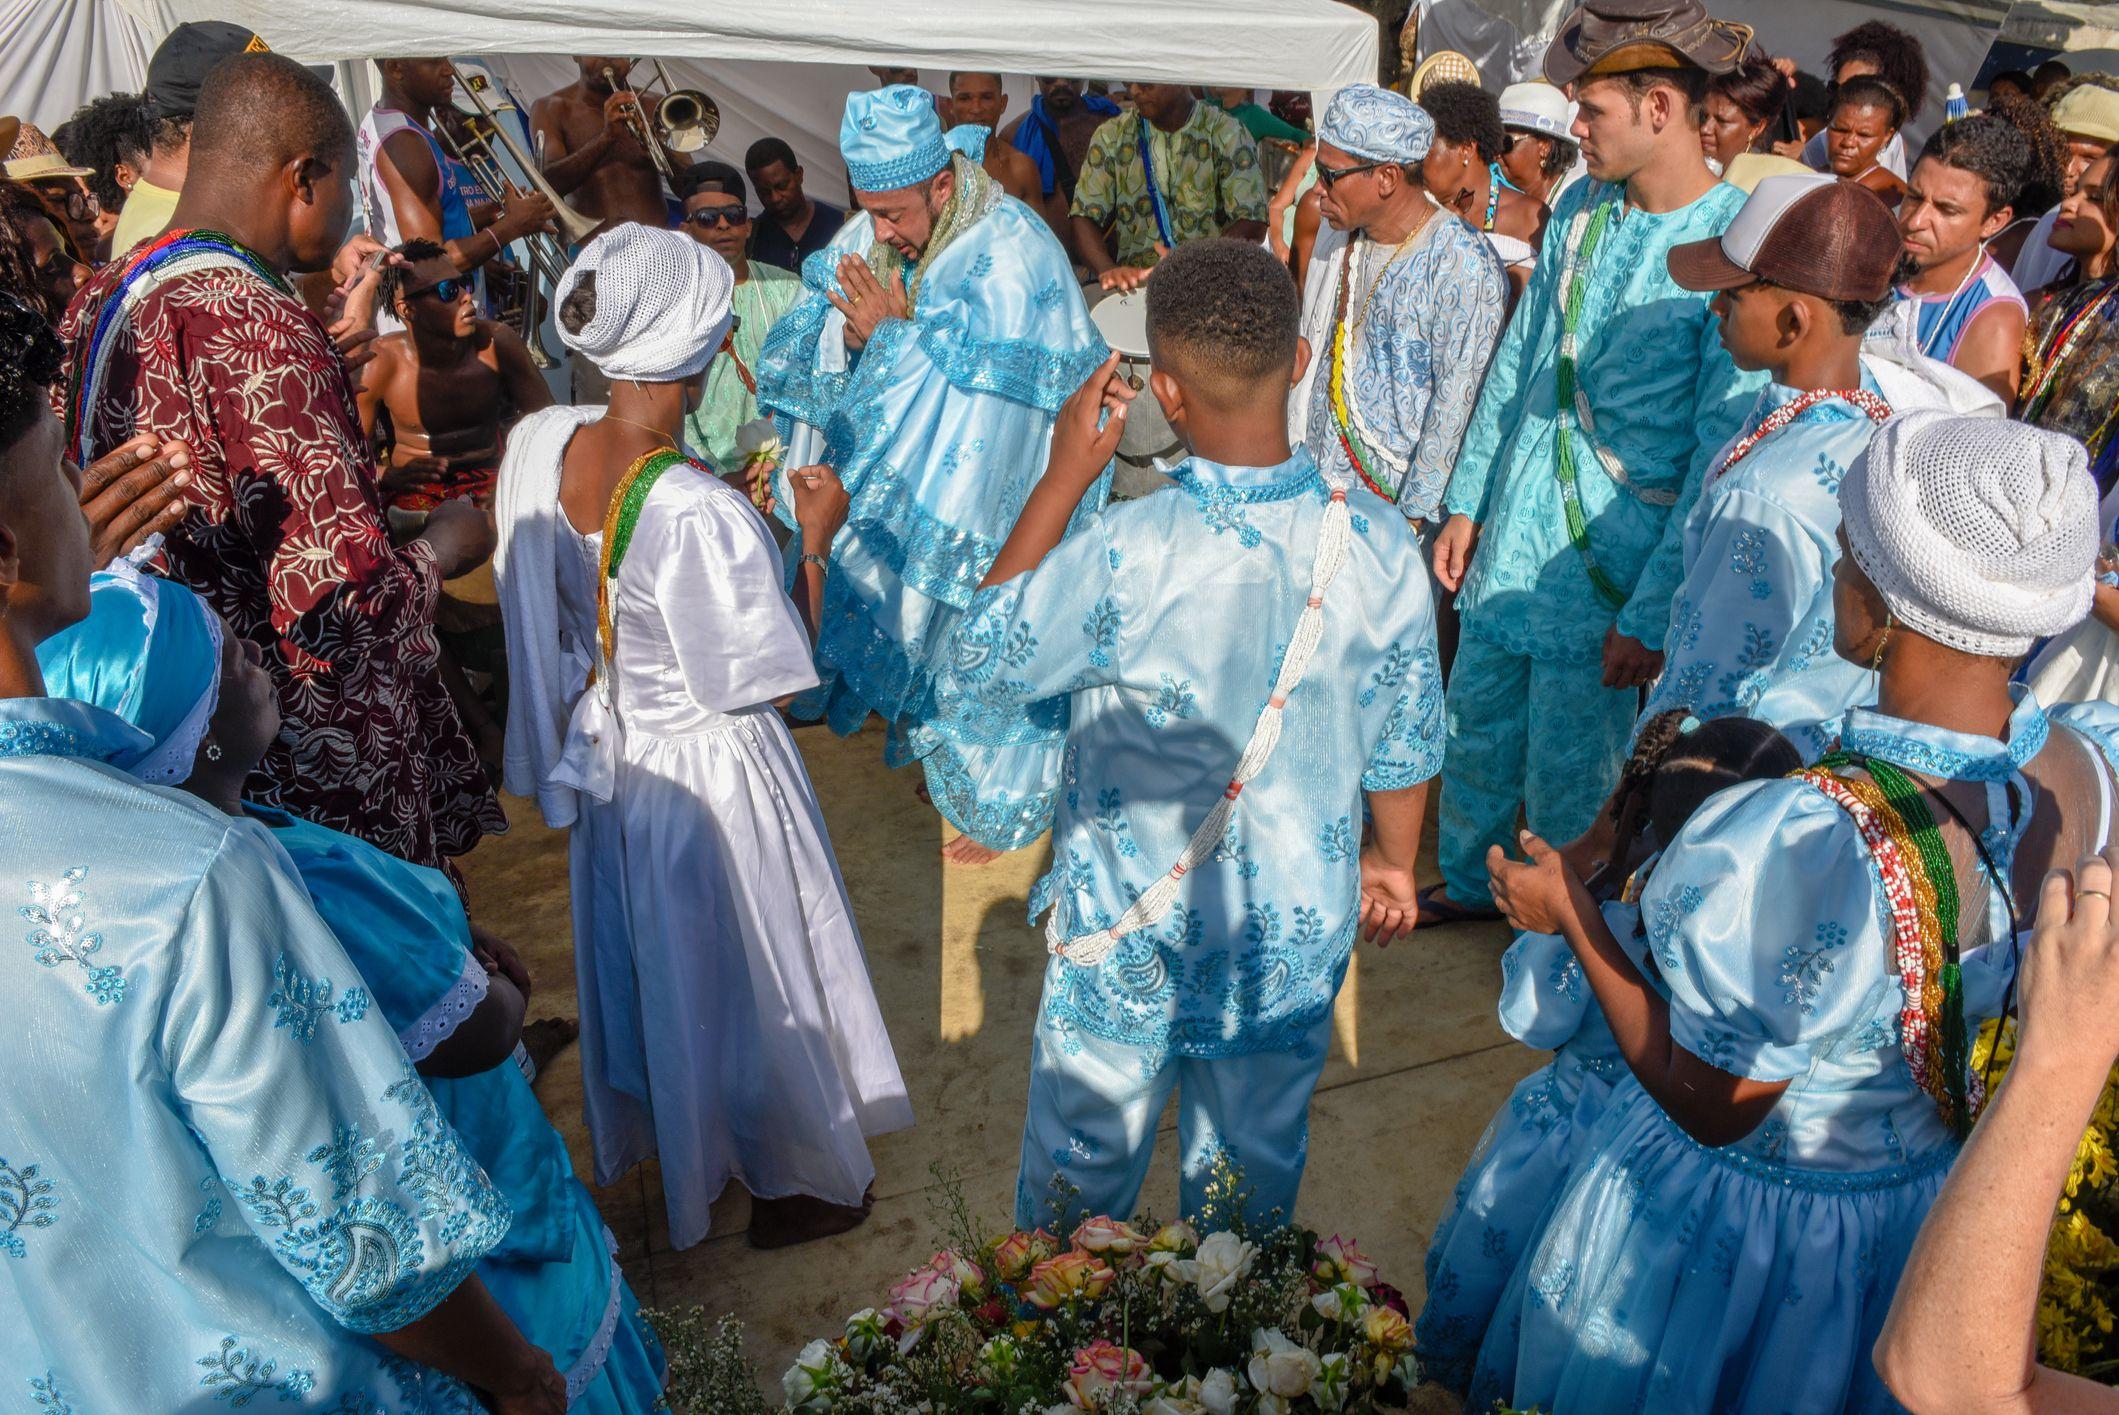 Explore the Brazilian Religion Candomblé